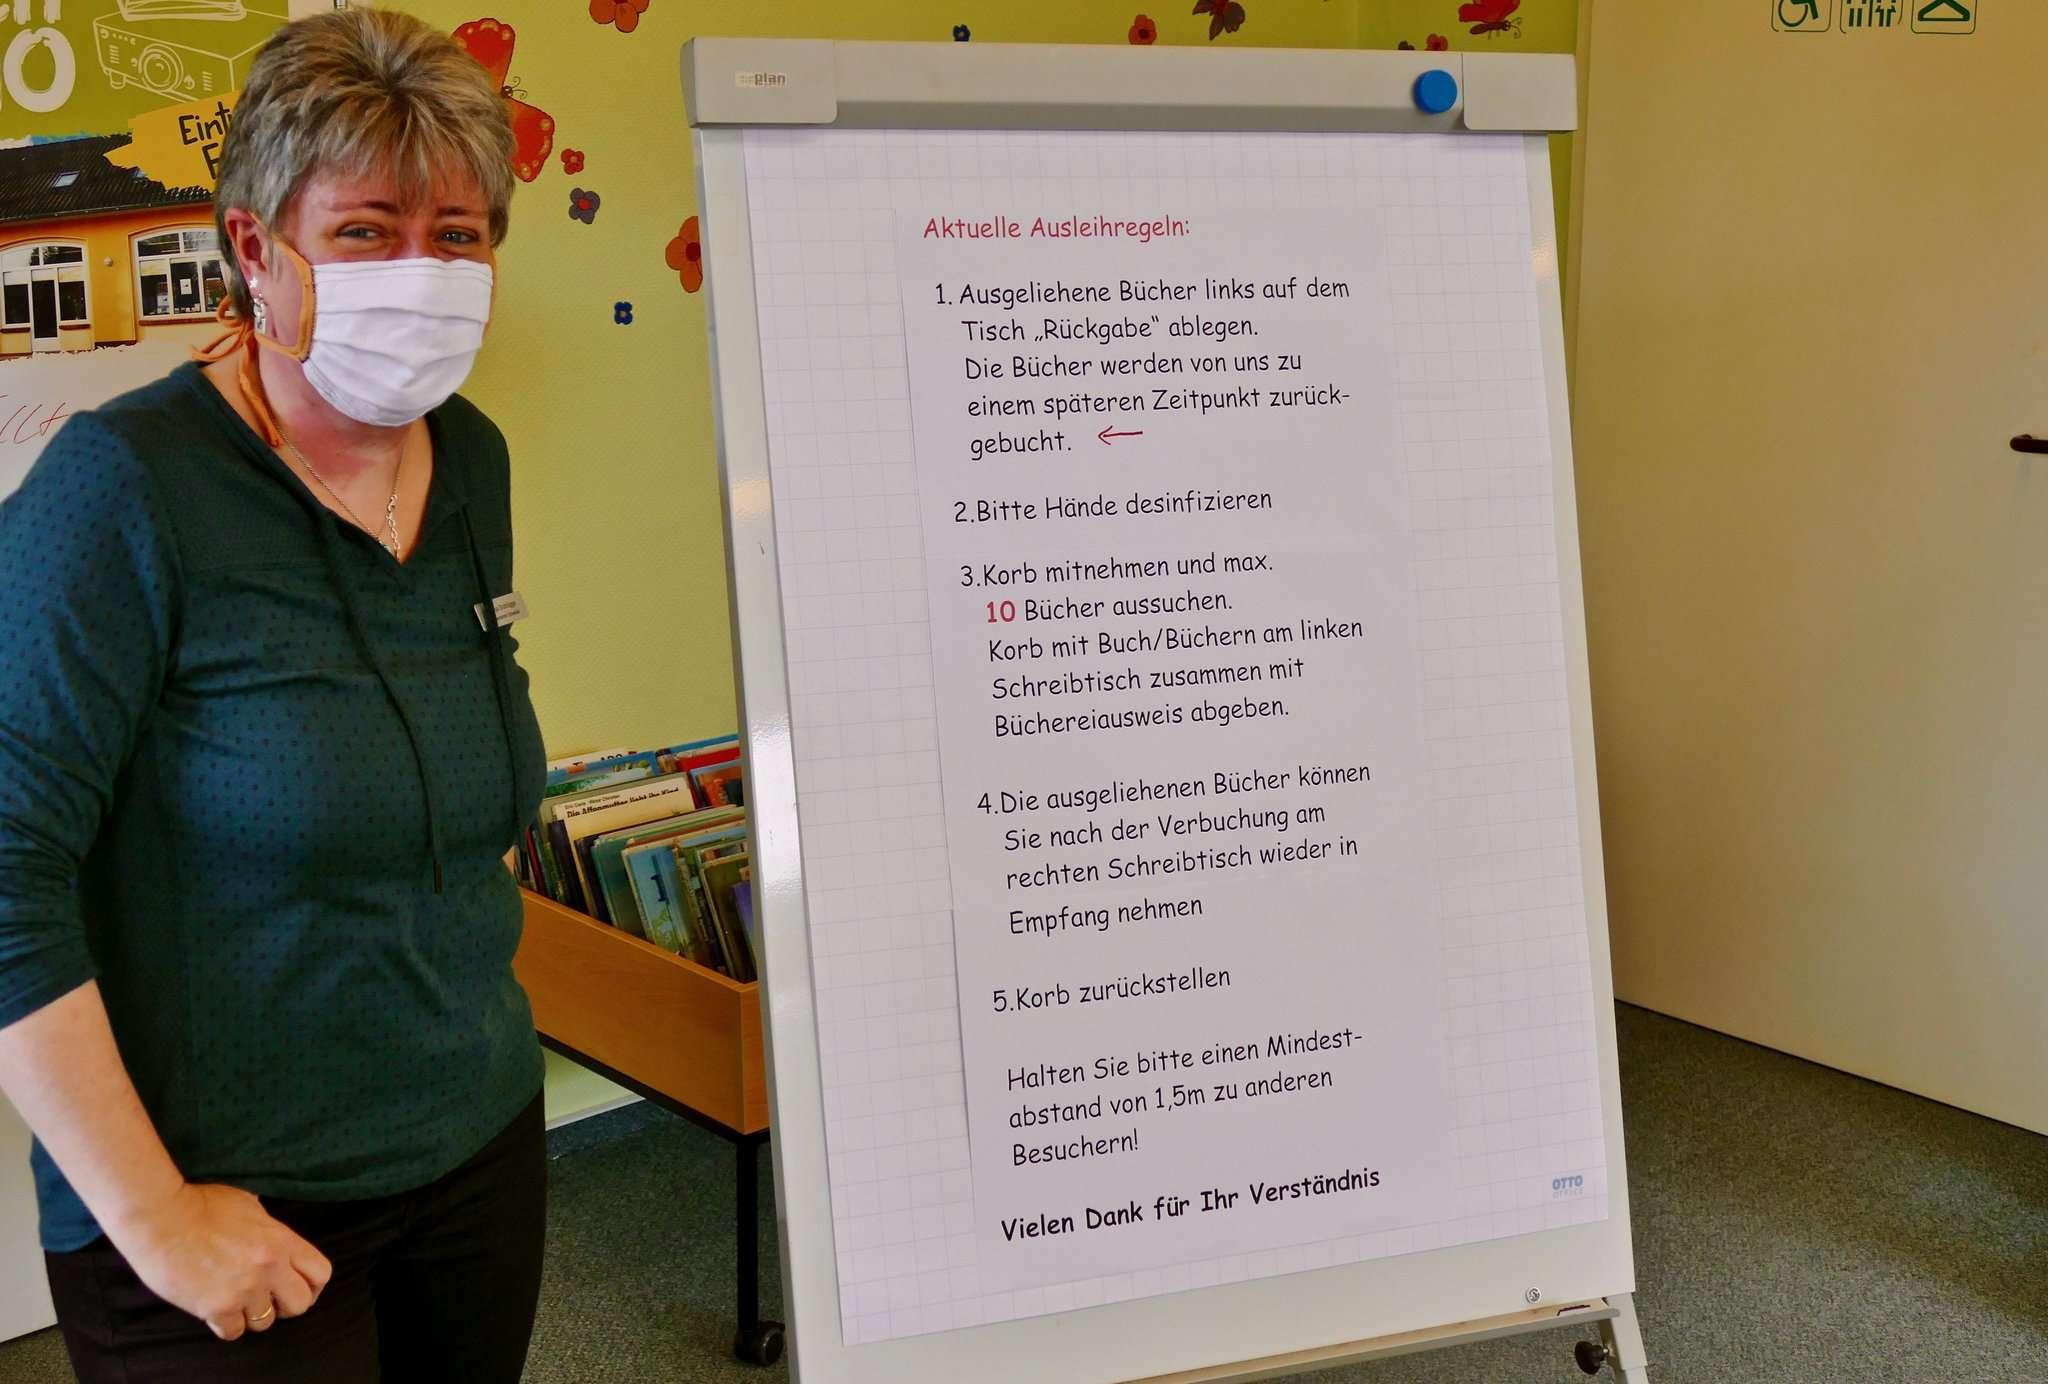 Die wichtigsten Stichworte zum Hygieneplan (mit Empfehlungen durch die Büchereizentrale Niedersachsen) sind auf einer Tafel im Eingangsbereich der Bücherei aufgelistet.